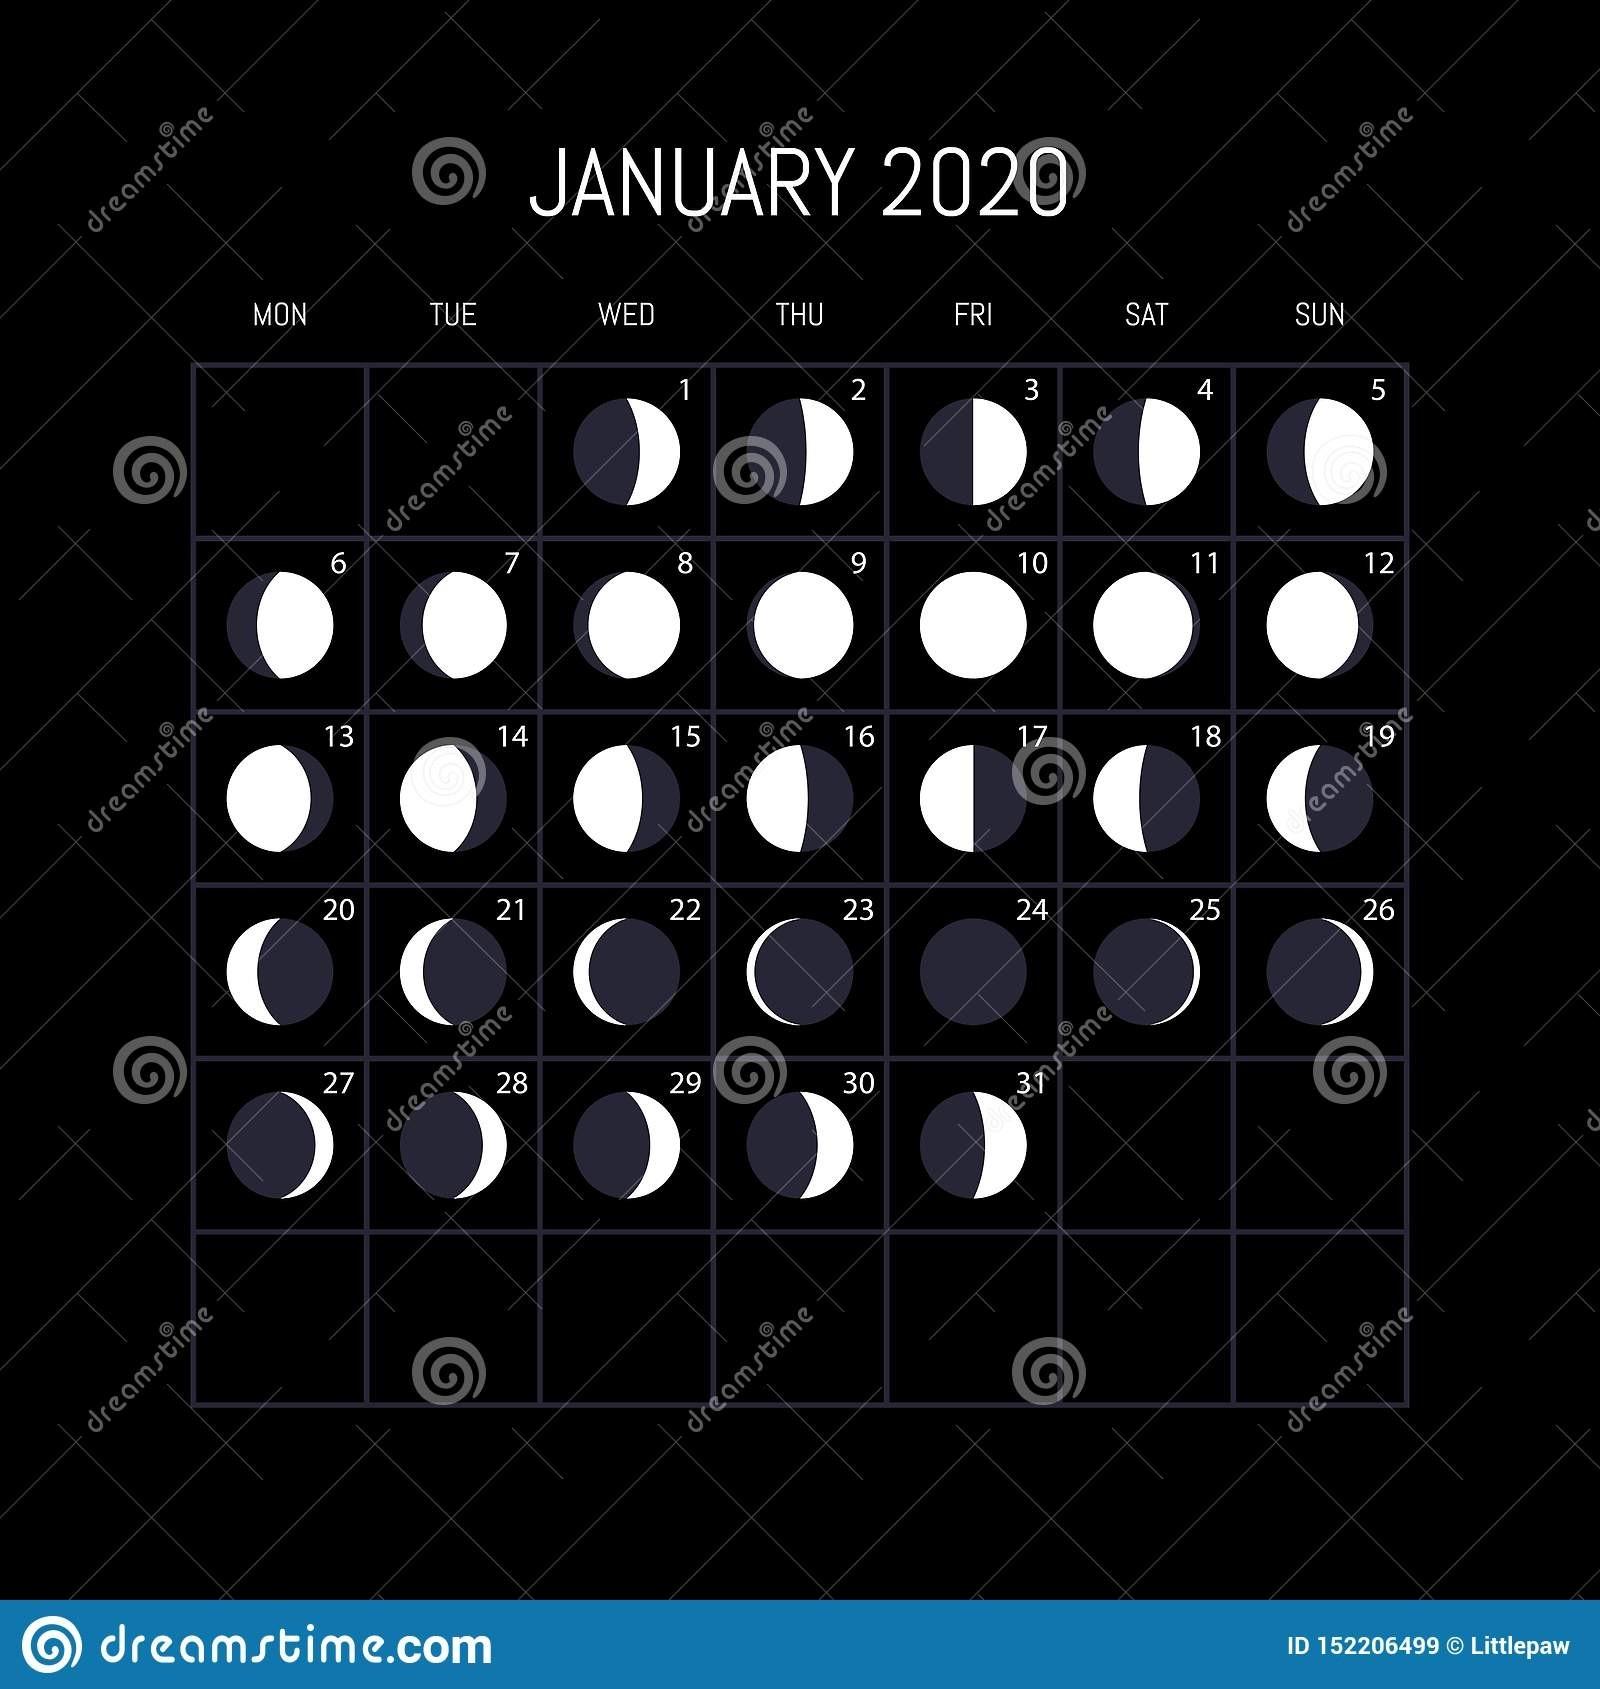 Moon Phases Calendar For 2020 Year. January. Night-Moon Calendar January 2020